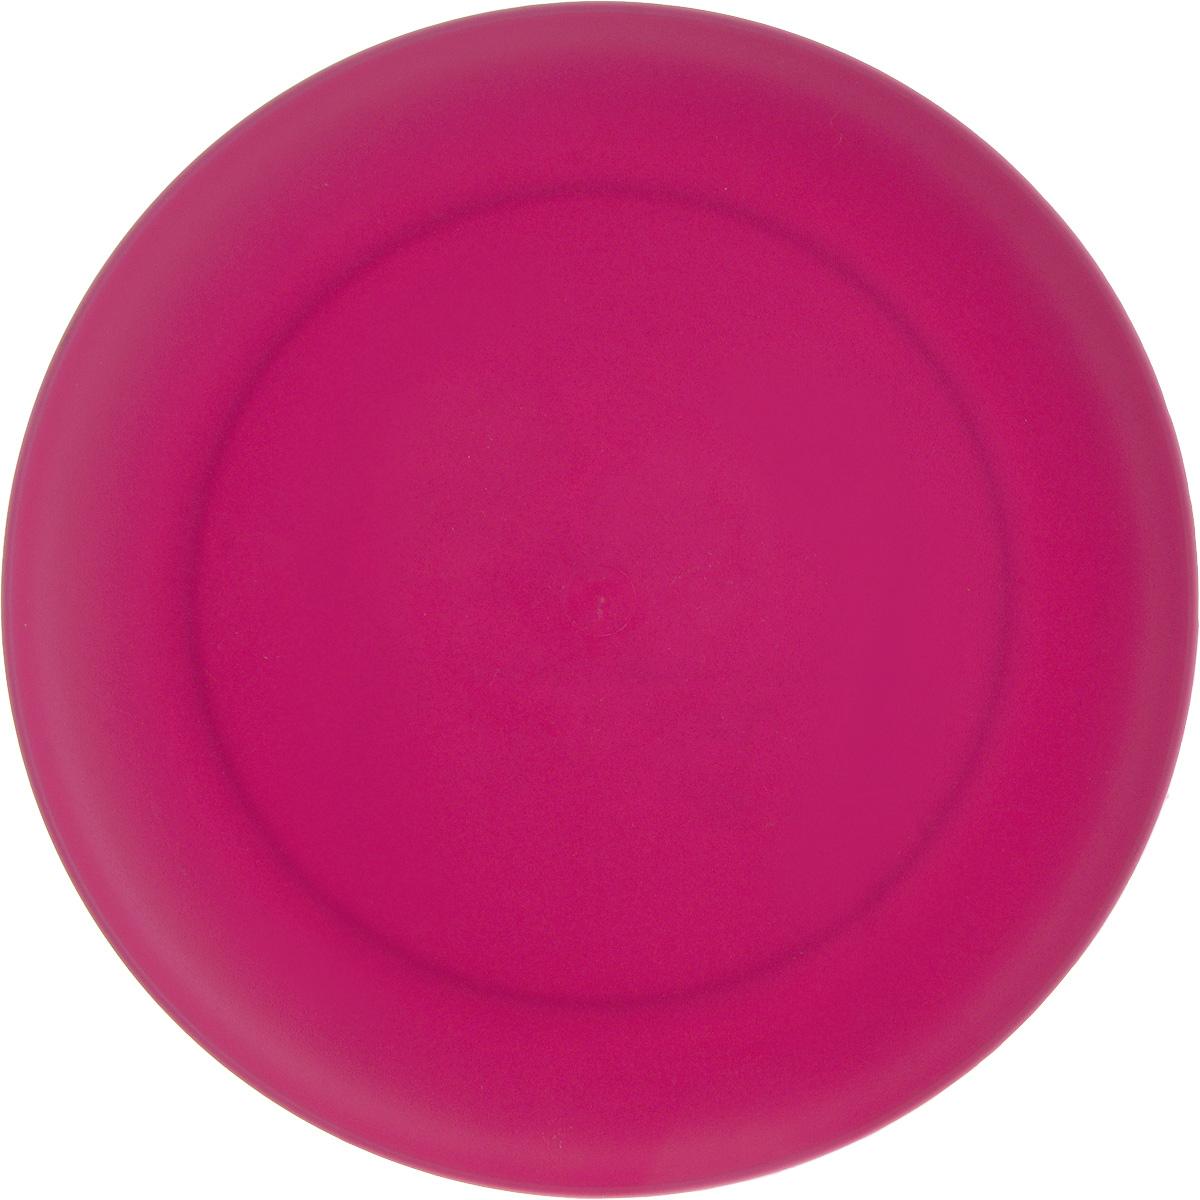 Тарелка Gotoff, цвет: малиновый, диаметр 23,5 см115510Круглая тарелка Gotoff выполнена из прочного пищевого полипропилена. Изделие отлично подойдет как для холодных, так и для горячих блюд. Его удобно использовать дома или на даче, брать с собой на пикники и в поездки. Отличный вариант для детских праздников. Такая тарелка не разобьется и будет служить вам долгое время.